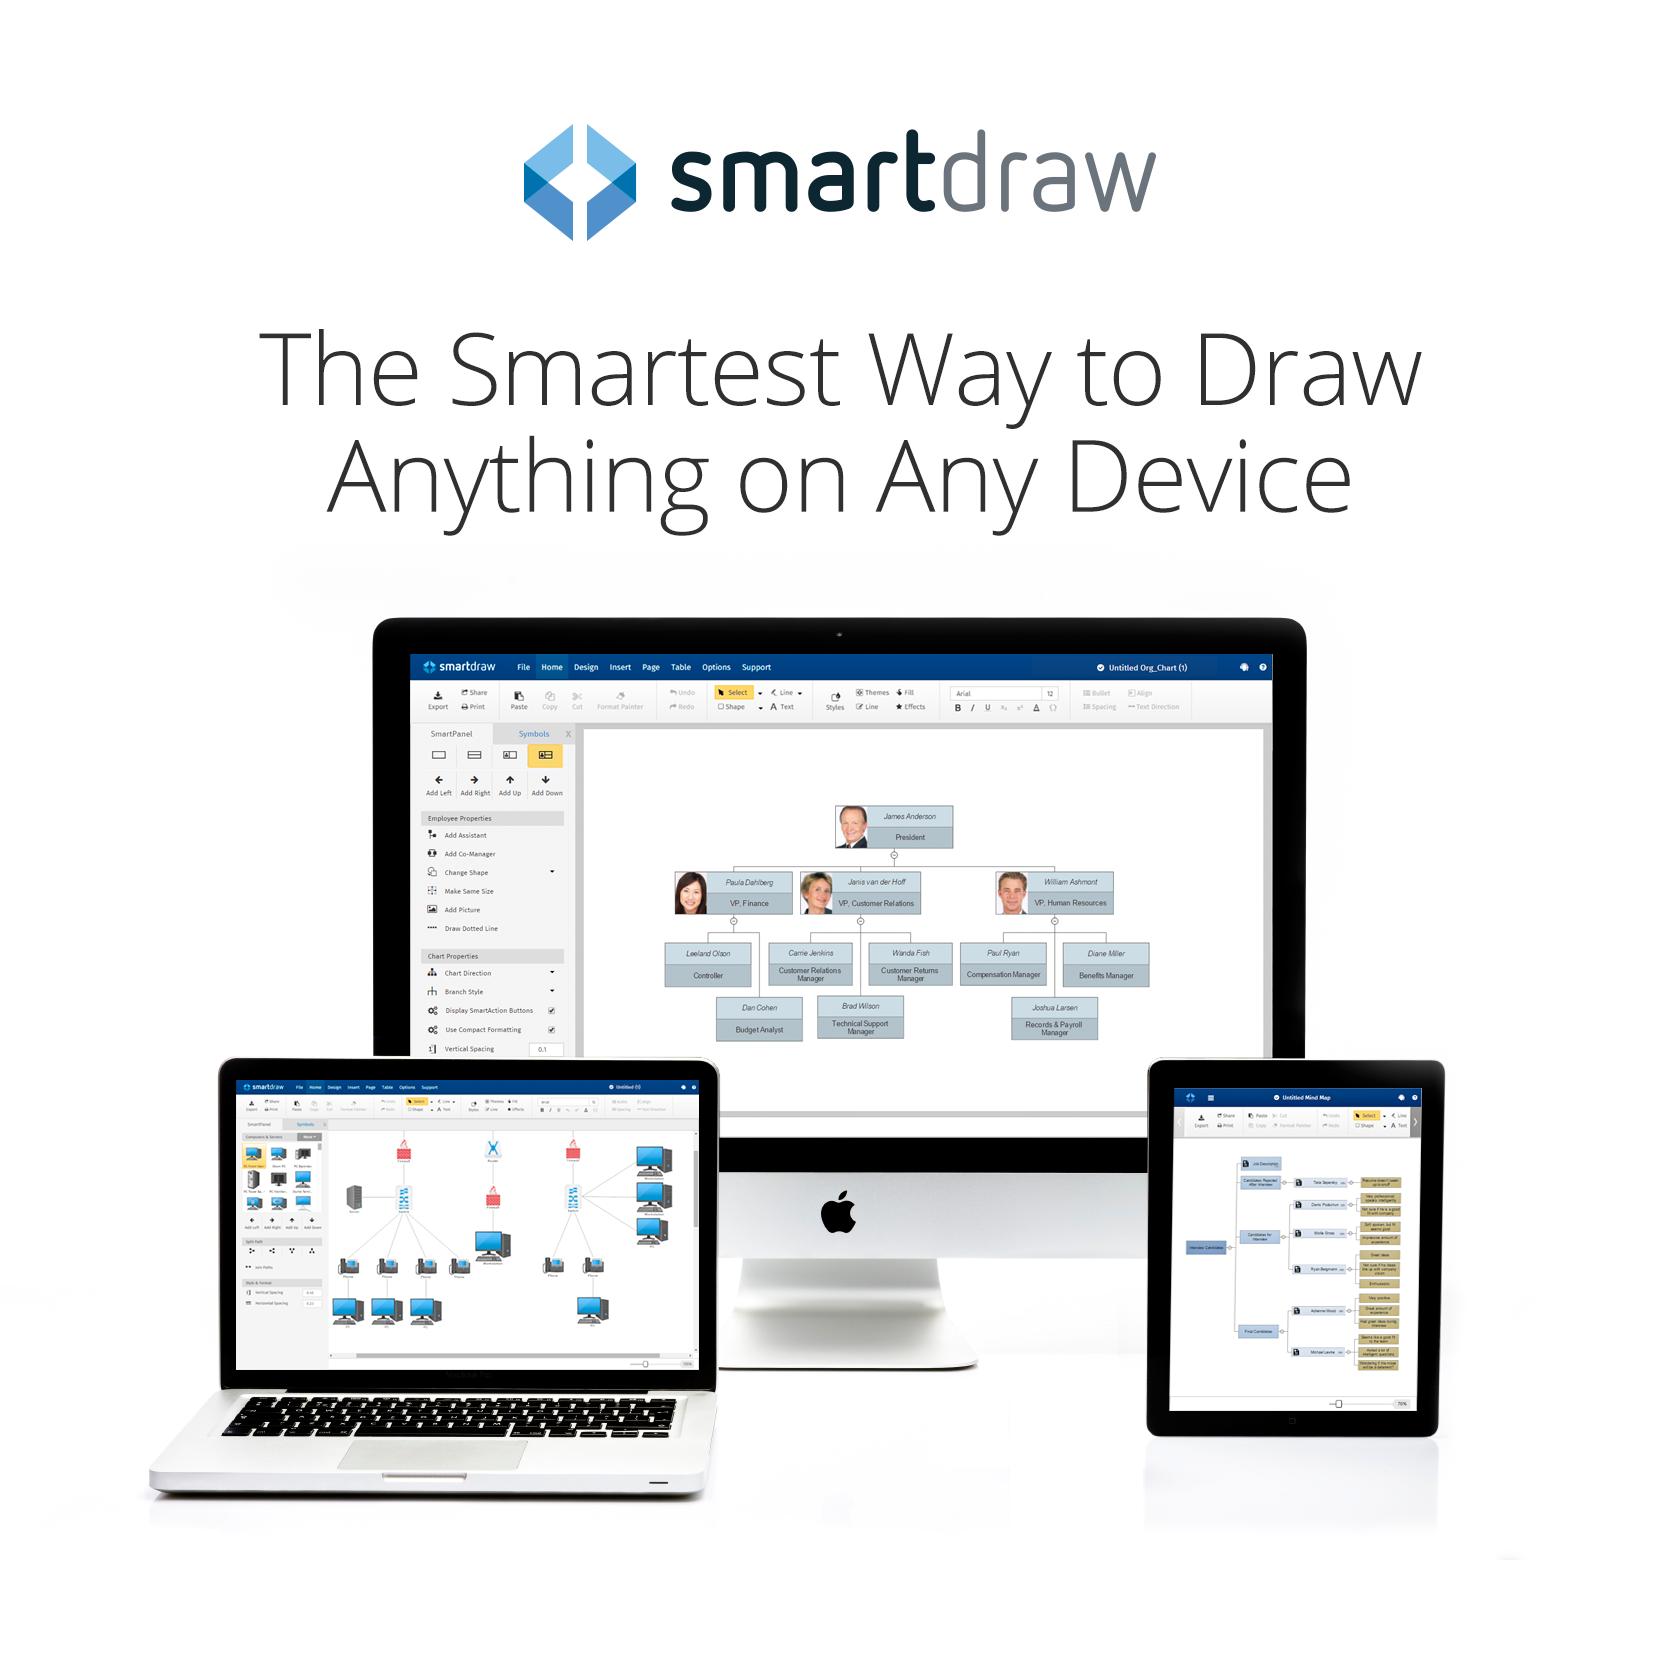 SmartDraw on Mac with logo